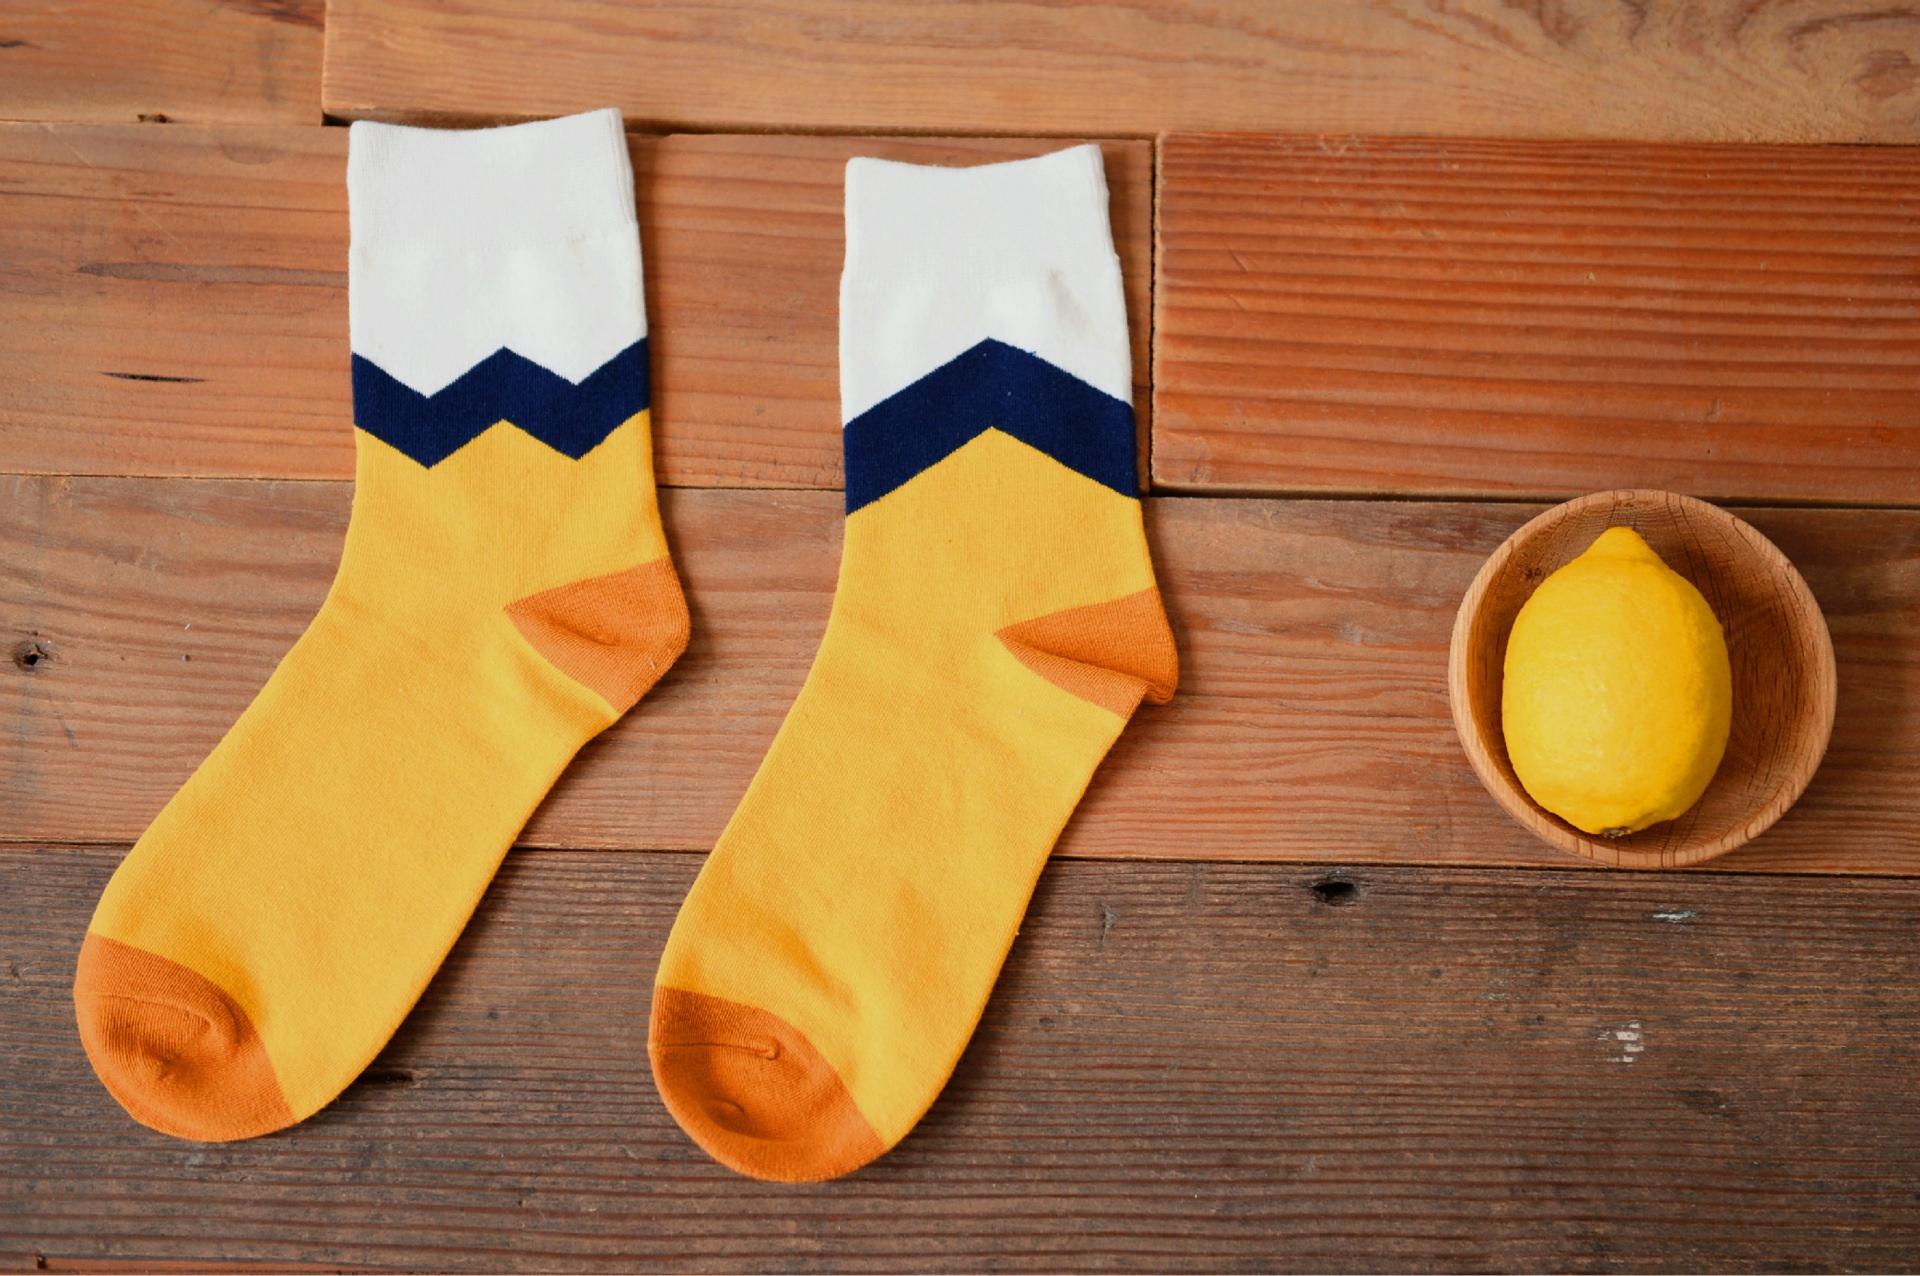 S308 **พร้อมส่ง**(ปลีก+ส่ง) ถุงเท้าข้อยาว แฟชั่นเกาหลี มี 12 คู่ต่อแพ็ค พร้อมกล่อง เนื้อดี งานนำเข้า(Made in China)